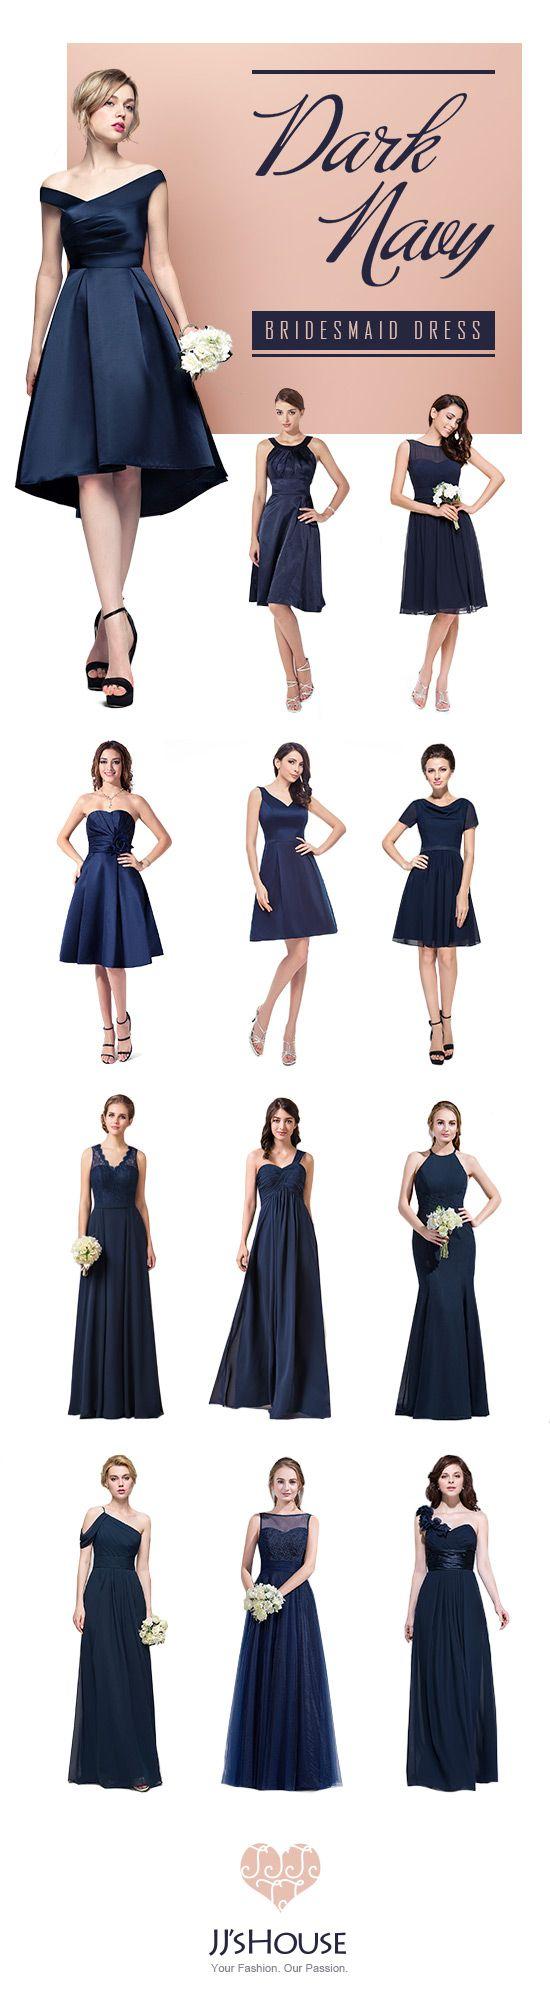 Dark navy bridesmaid dress bridesmaiddress cumpliendo un sueño